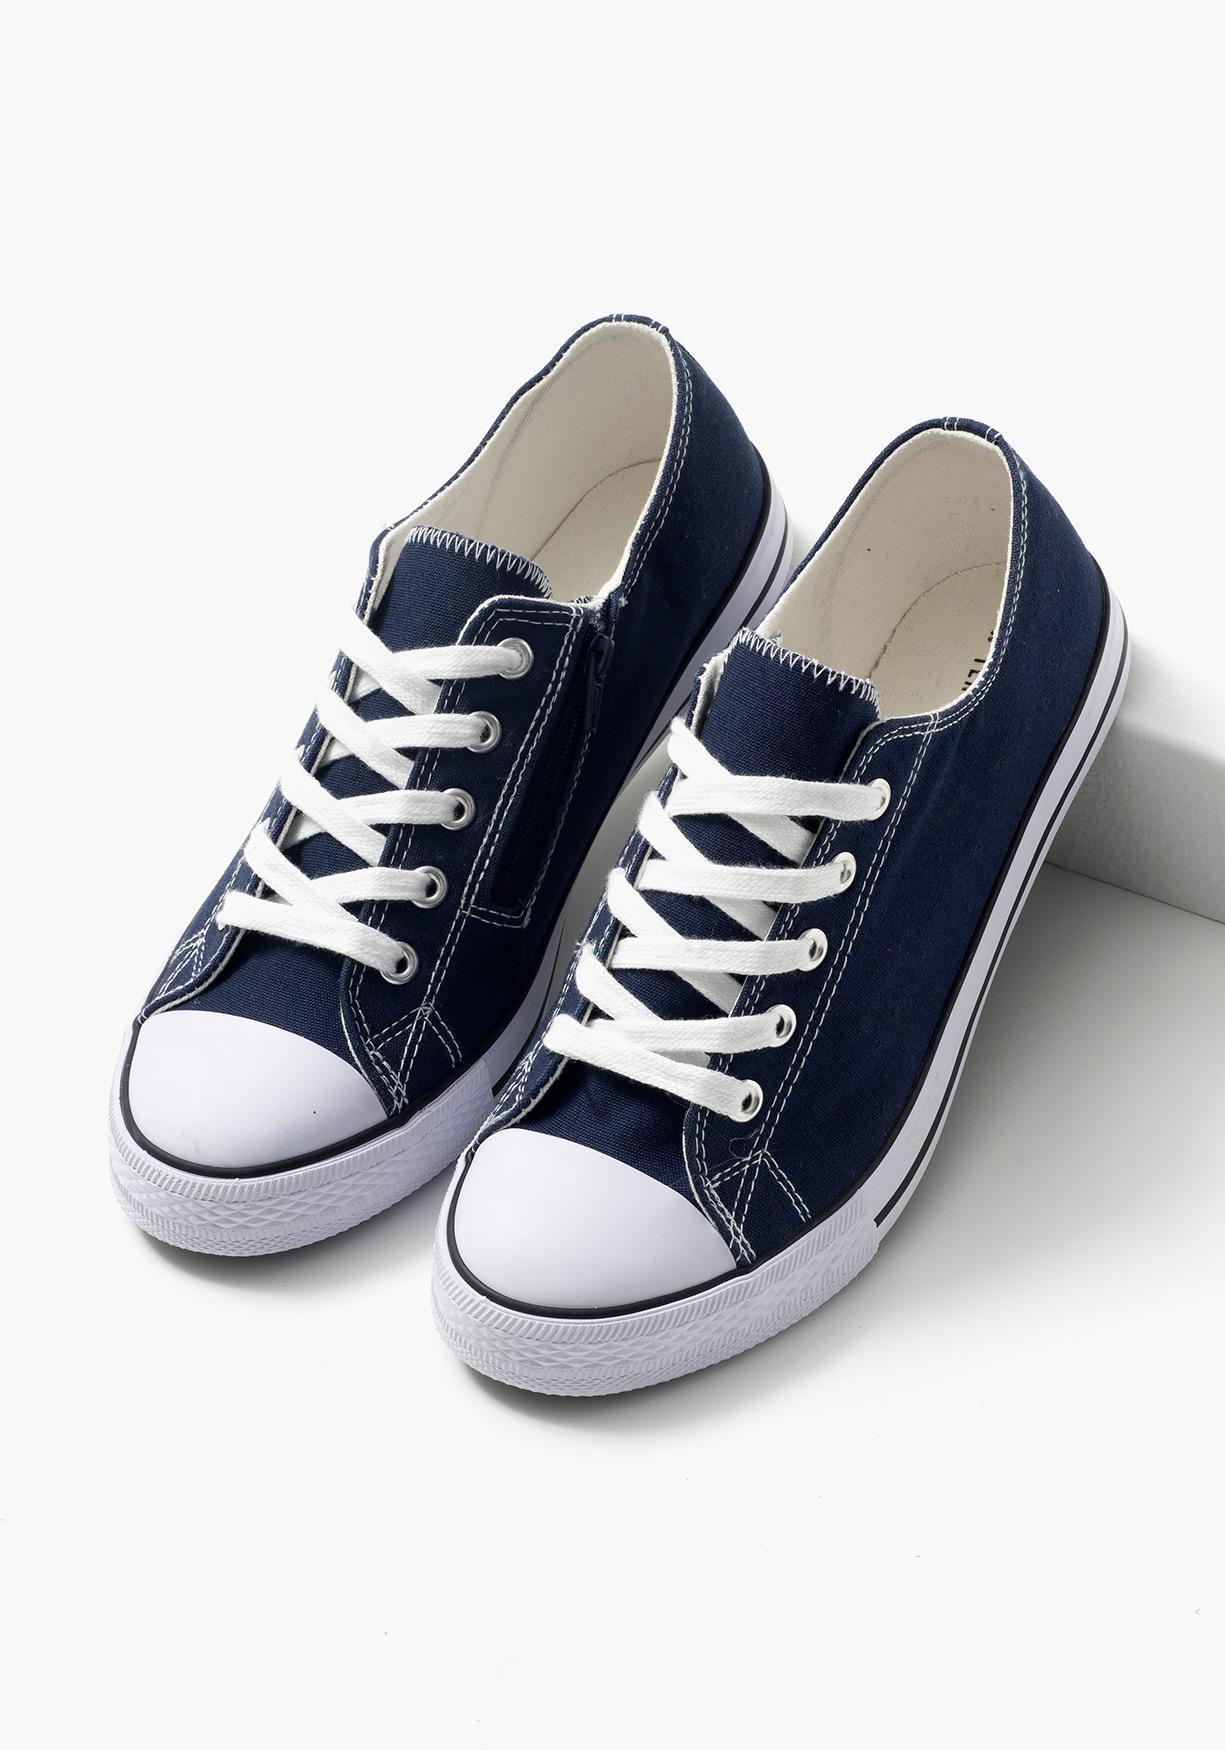 Ofertas en moda tu tienda de ropa online en carrefour tex - Zapatillas lona carrefour ...